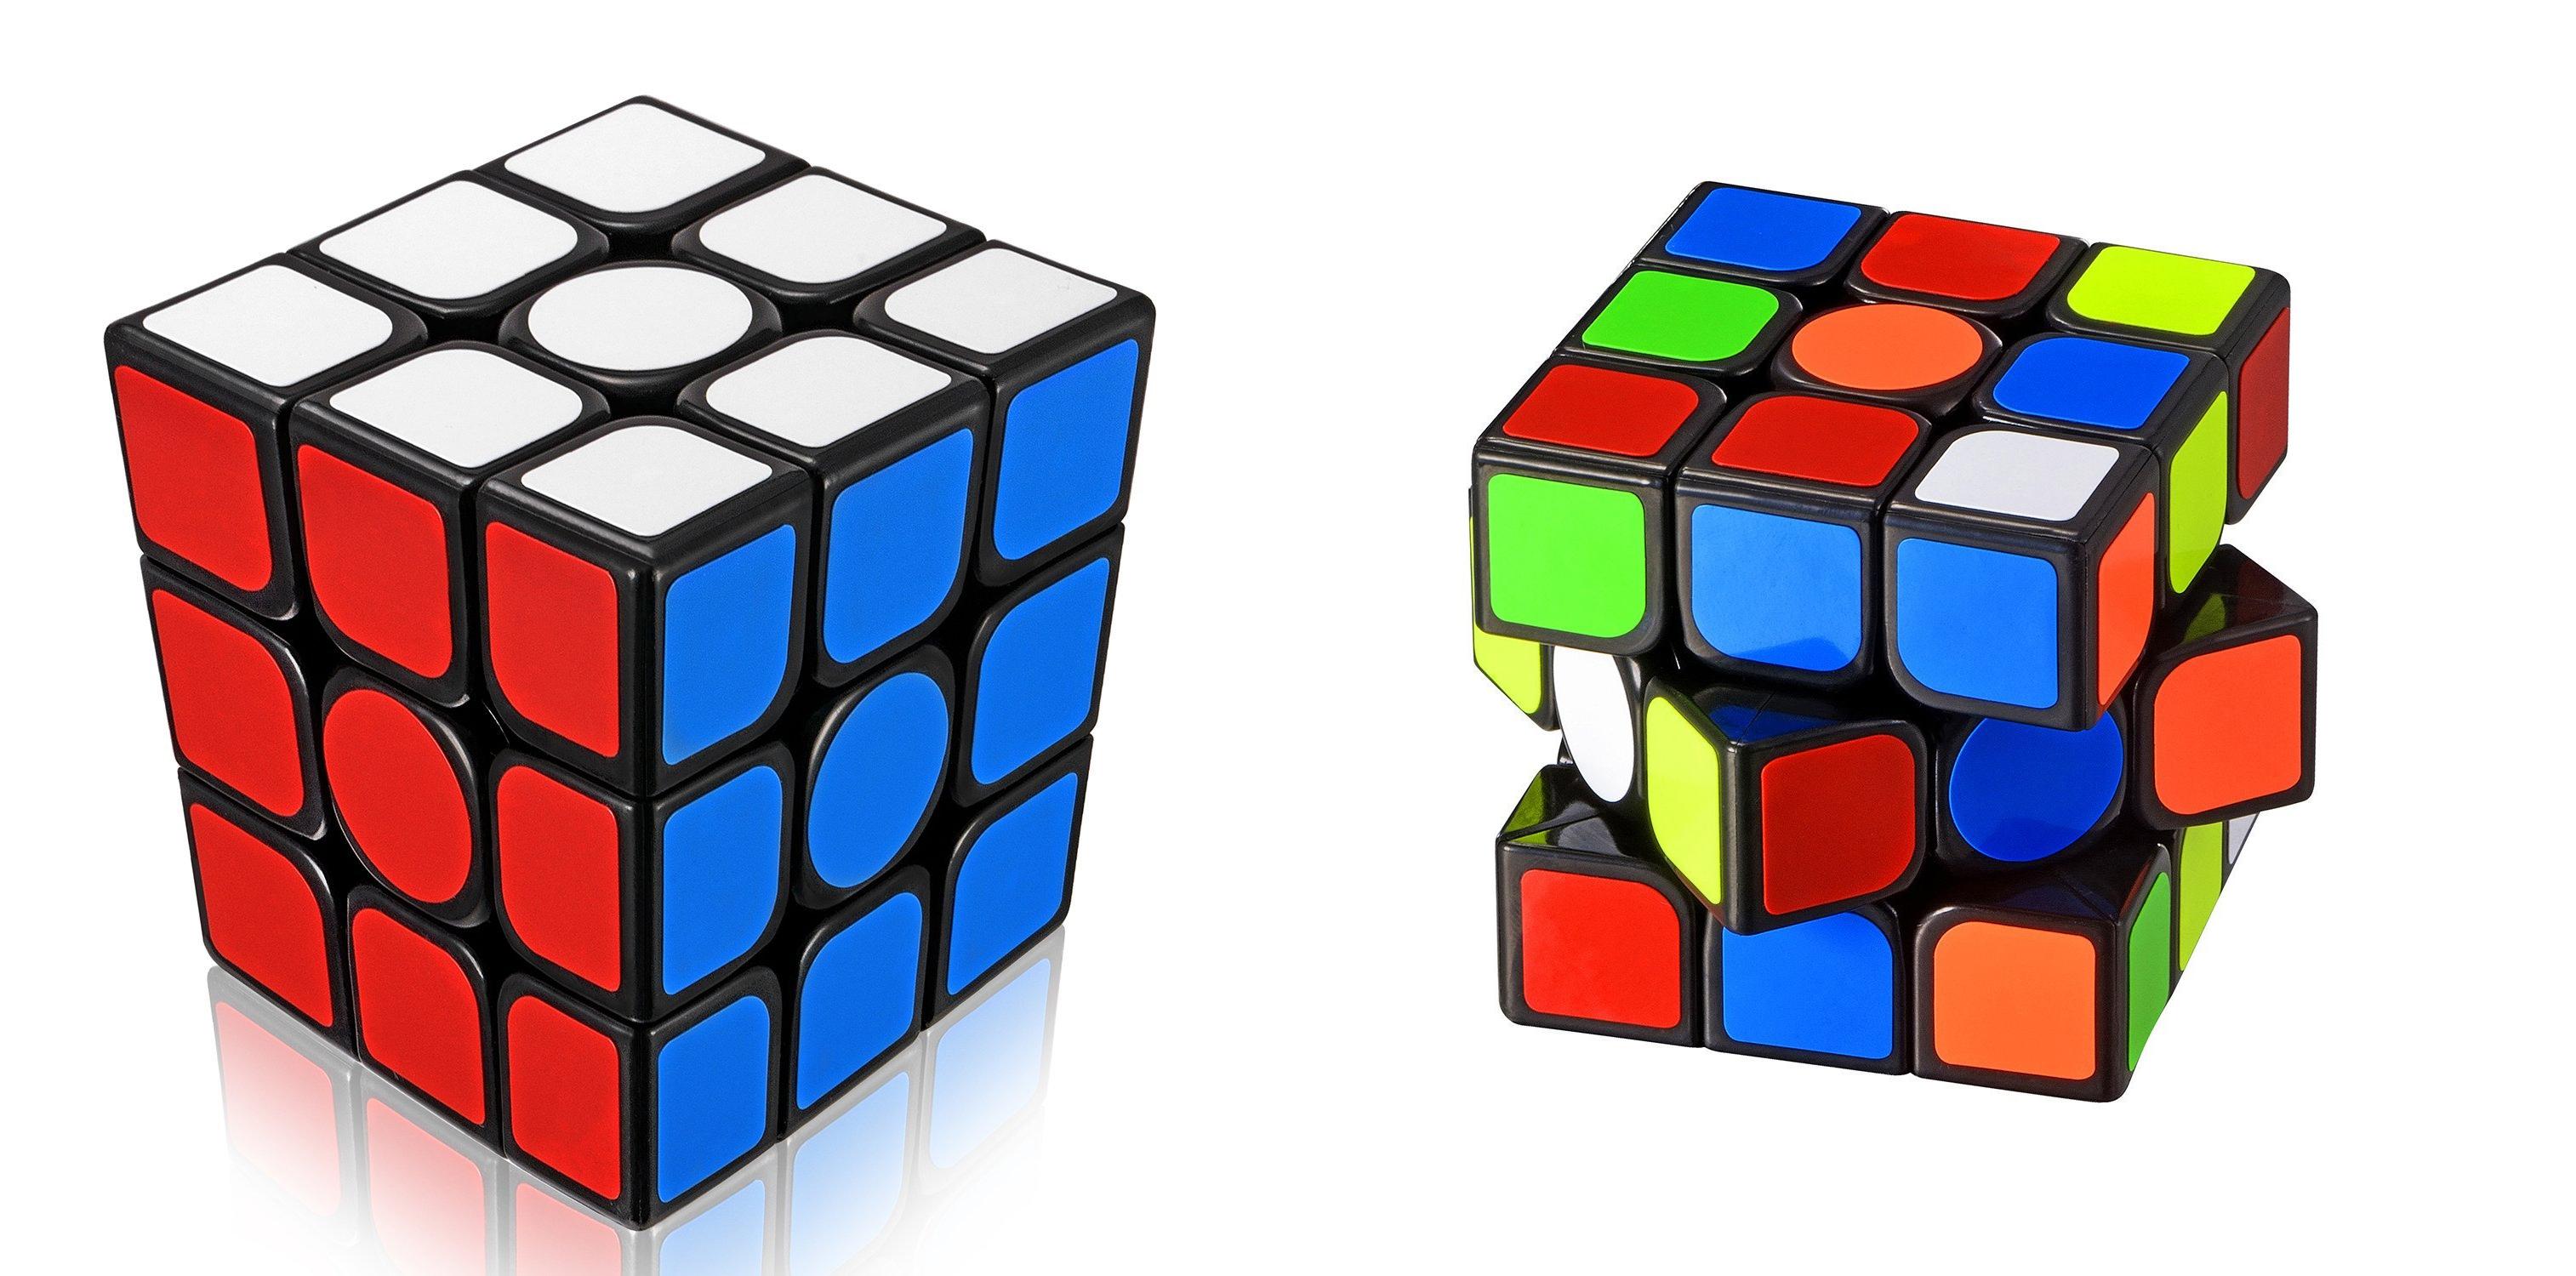 расположение цветов на кубике рубика картинки сих пор